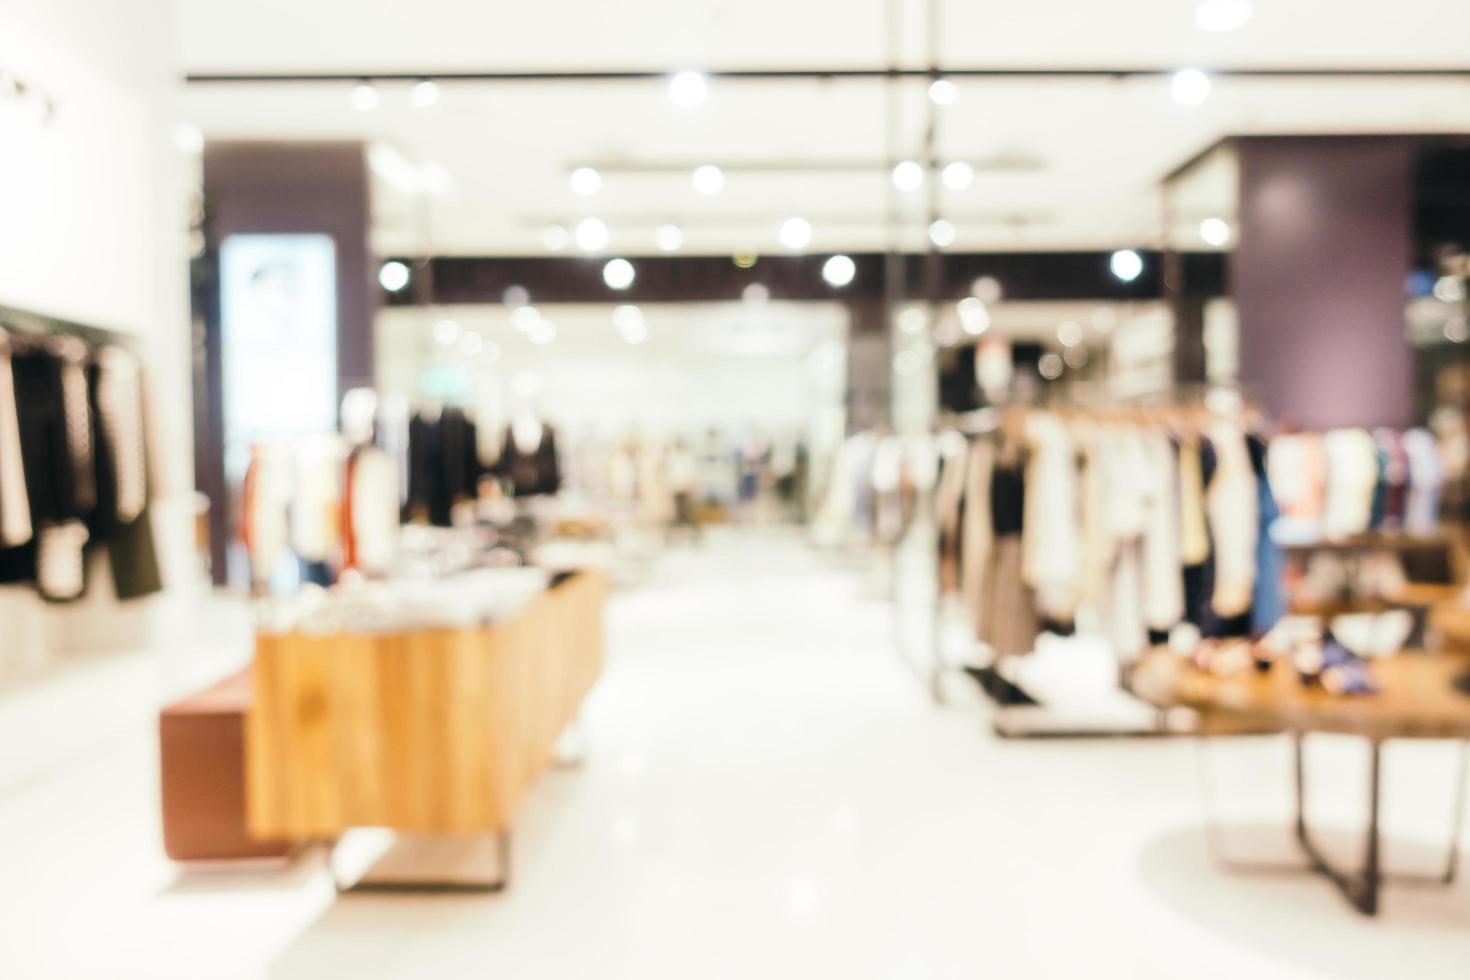 flou abstrait et centre commercial défocalisé du grand magasin photo